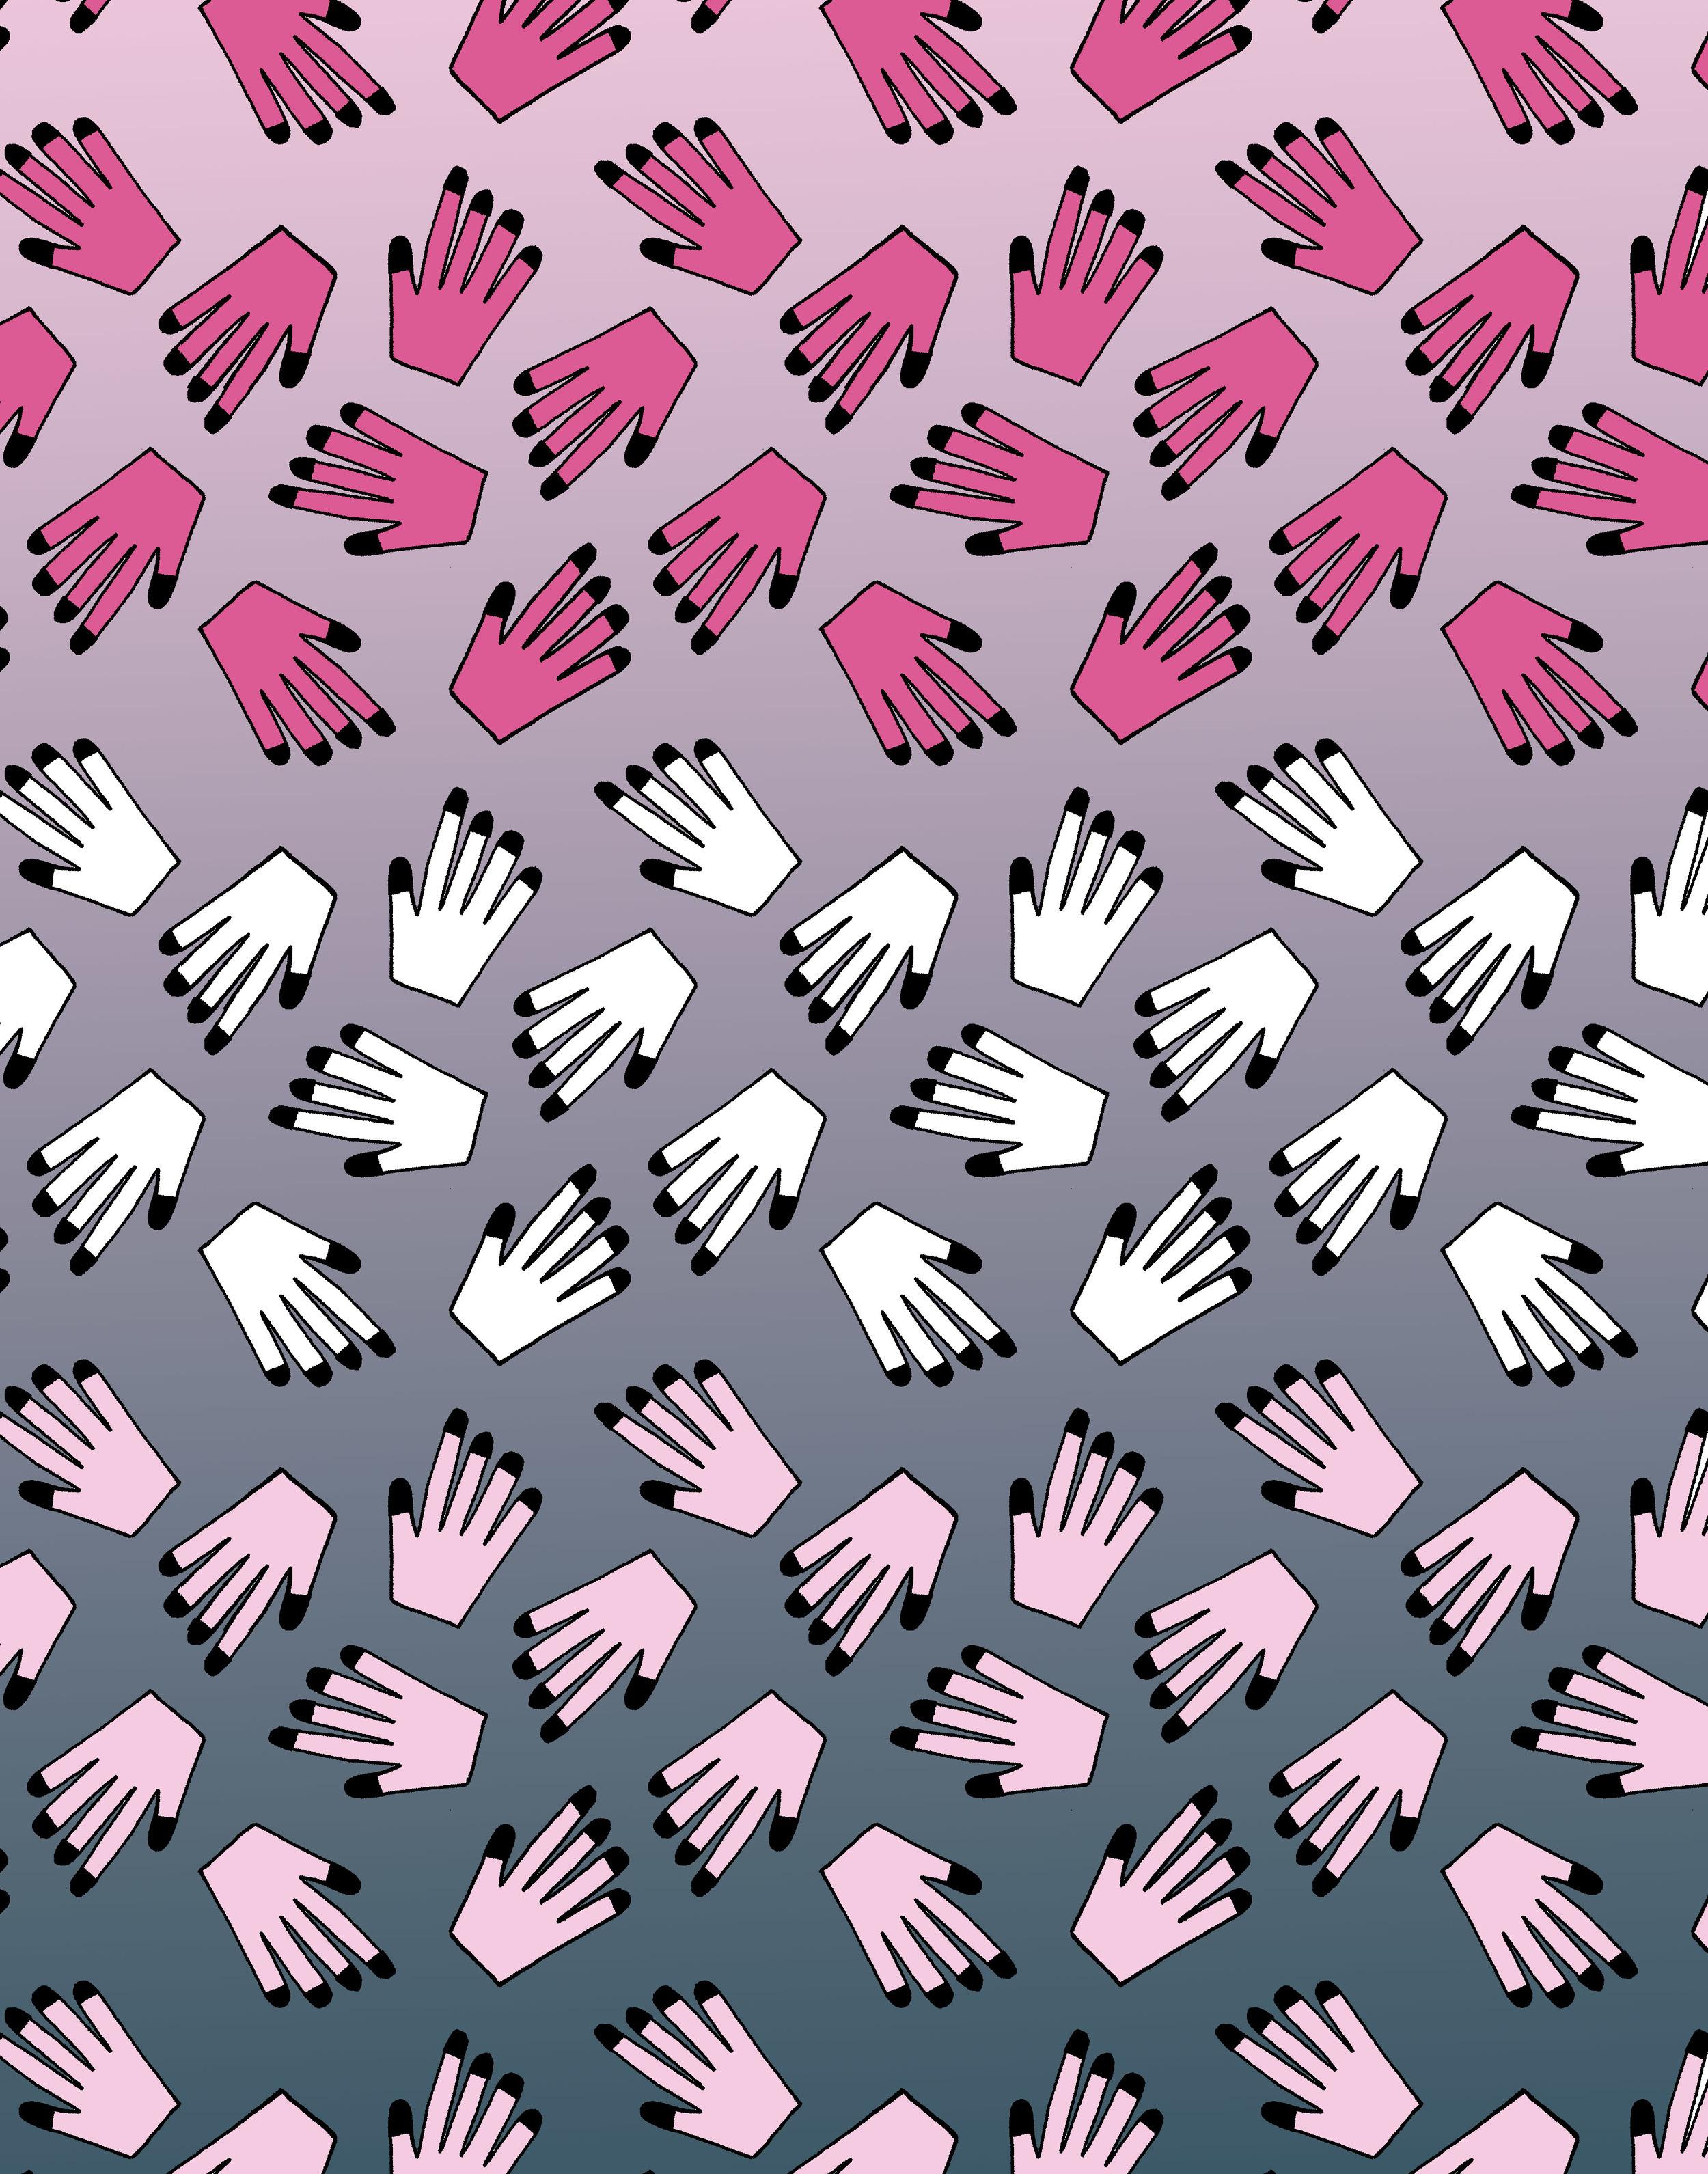 Gradient Hands.jpg